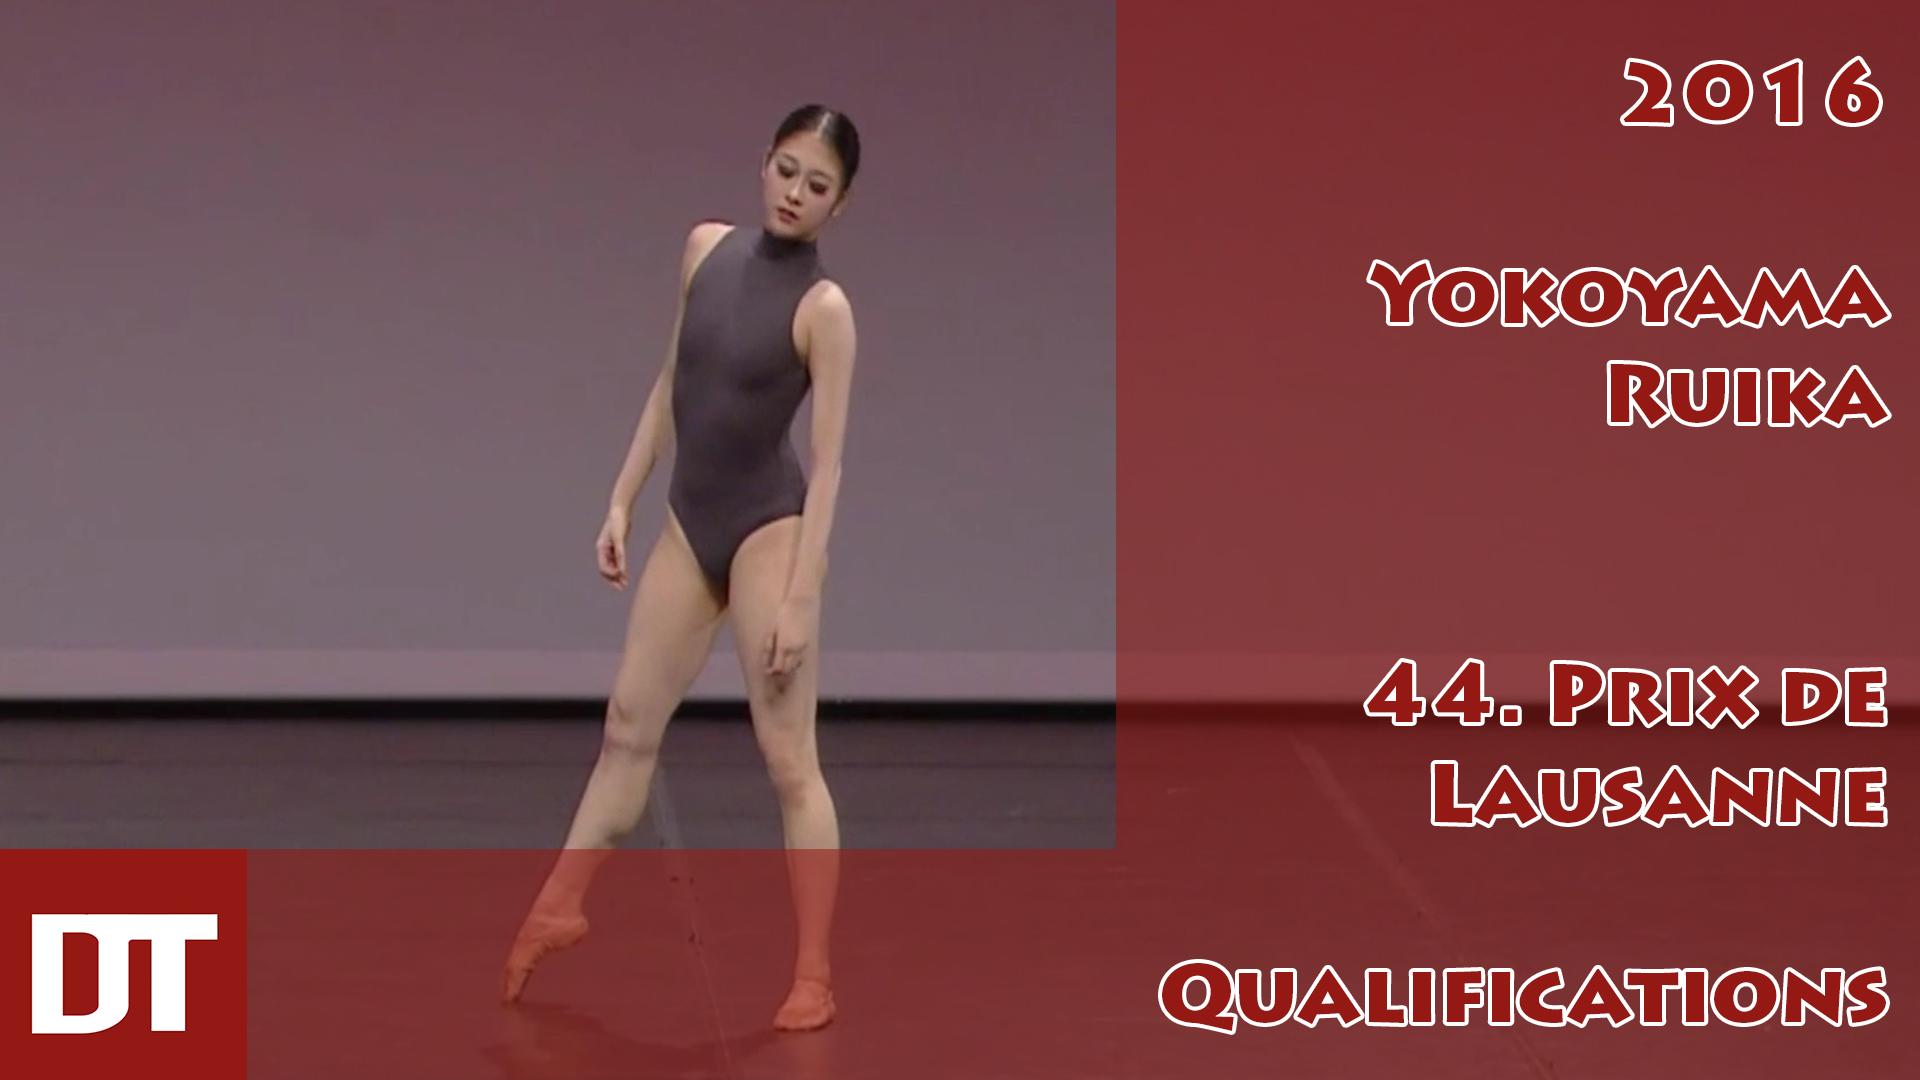 2016 – Yokoyama Ruika – 44. Prix de Lausanne – Qualifications